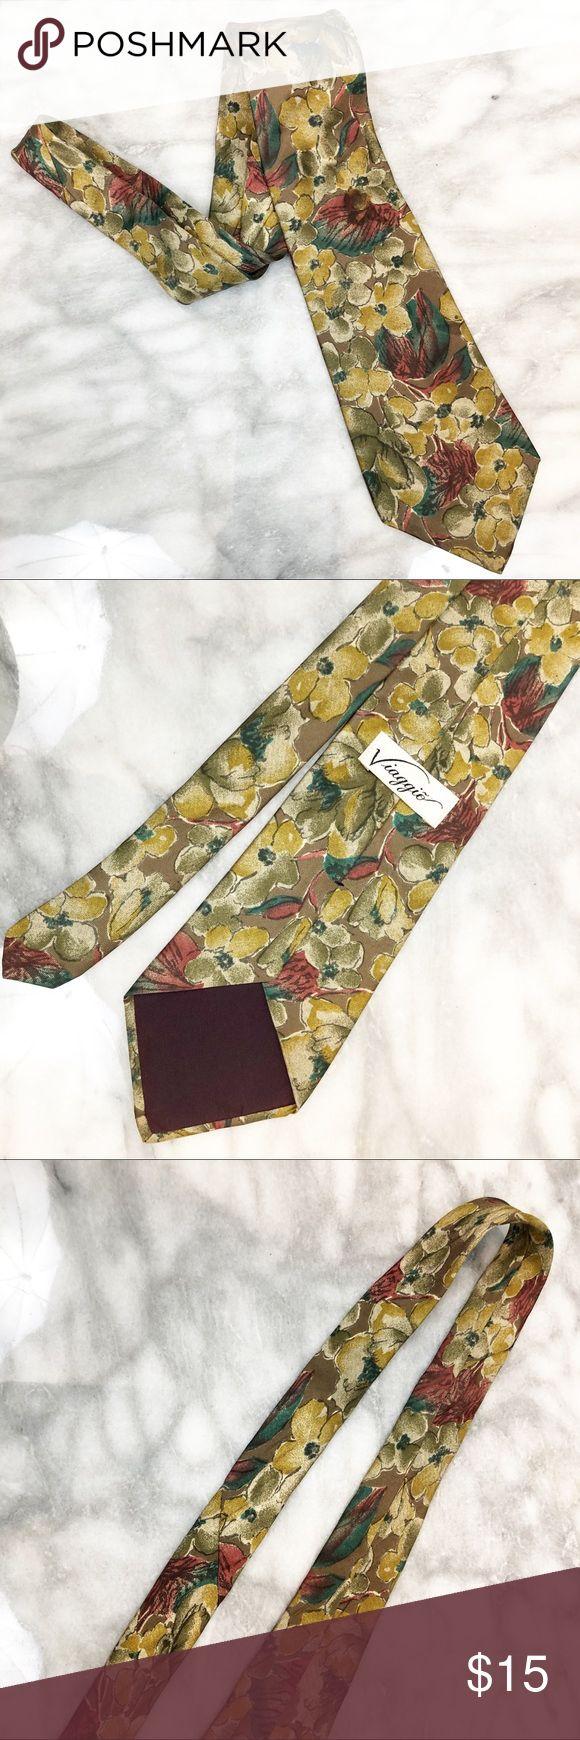 Viaggio vintage floreale marrone, ruggine e cravatta d'oro Viaggio vintage floreale marrone, …